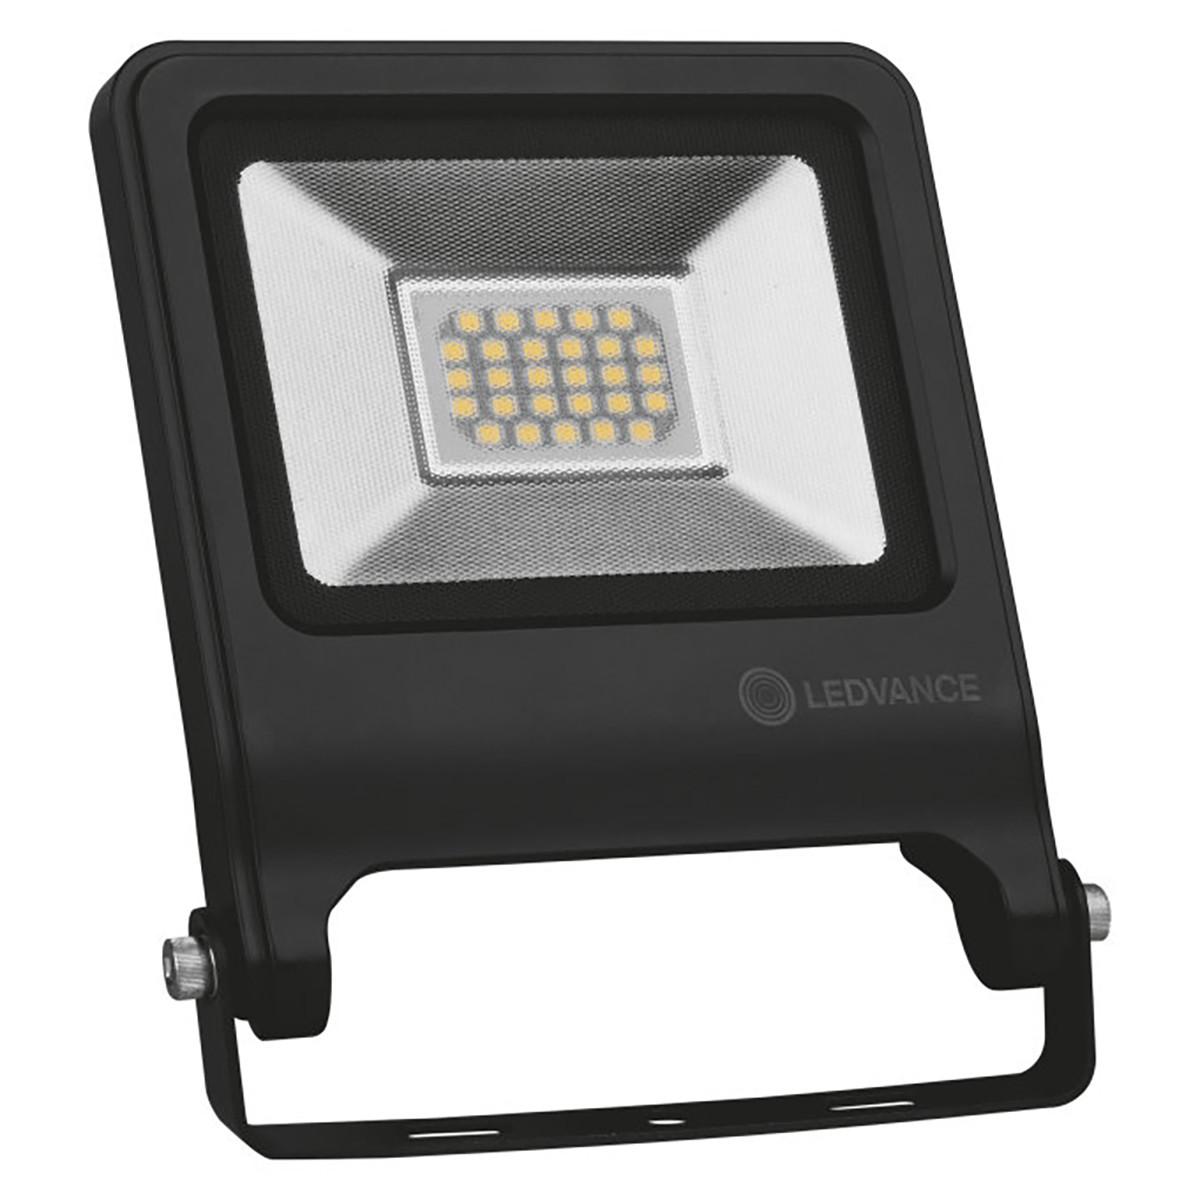 OSRAM - LEDVANCE - LED Breedstraler 20 Watt - LED Schijnwerper - Natuurlijk Wit 4000K - Waterdicht I